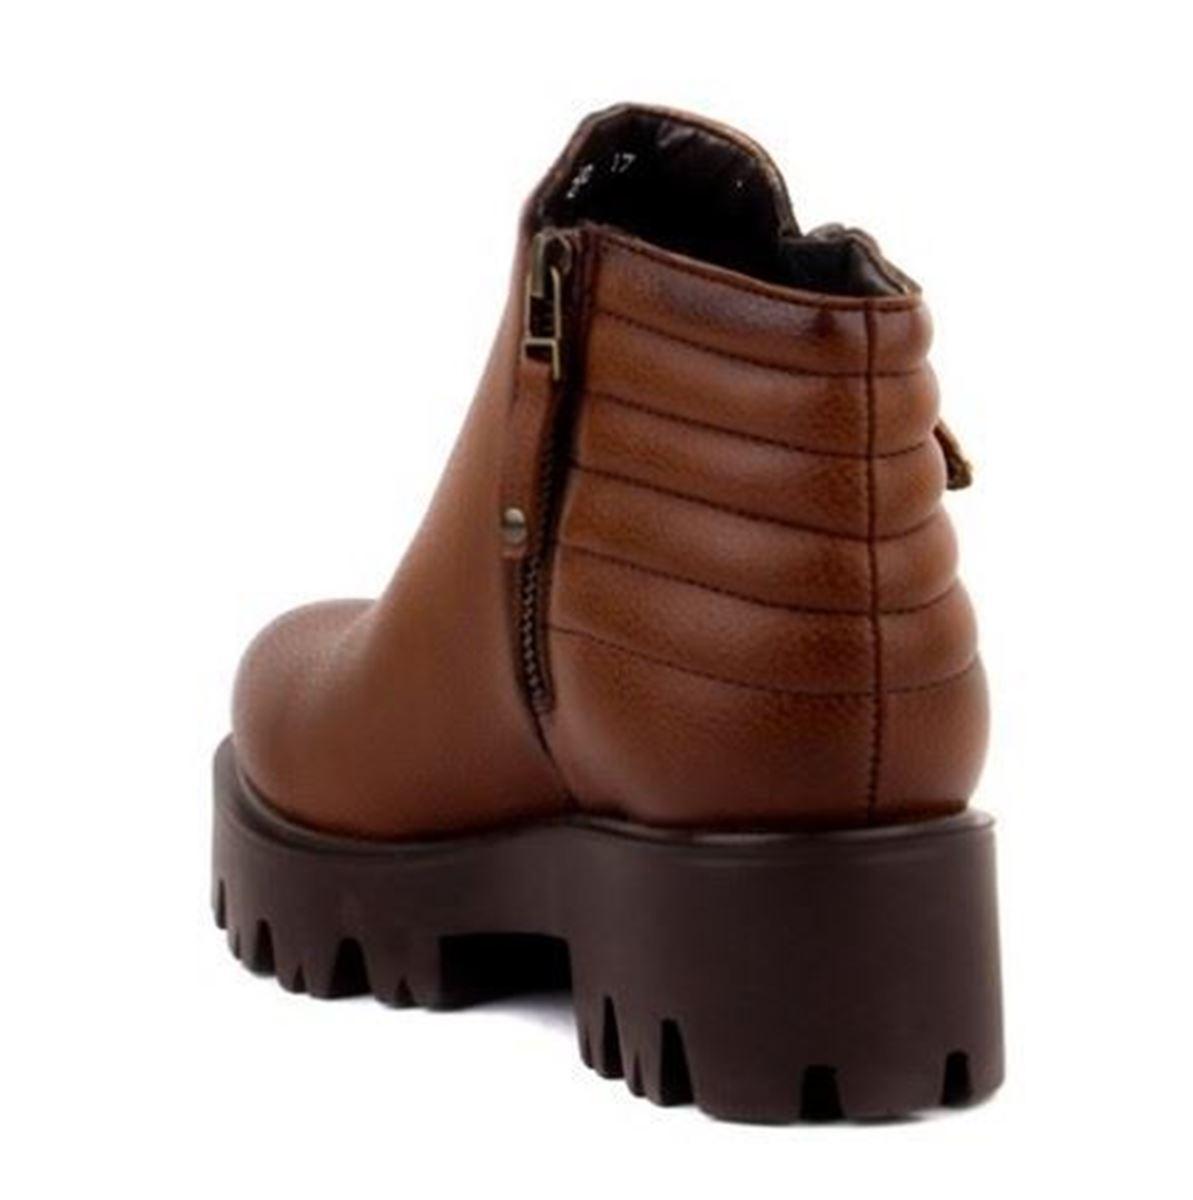 Moxee - Pembe Renk Kadın Günlük Ayakkabı resmi